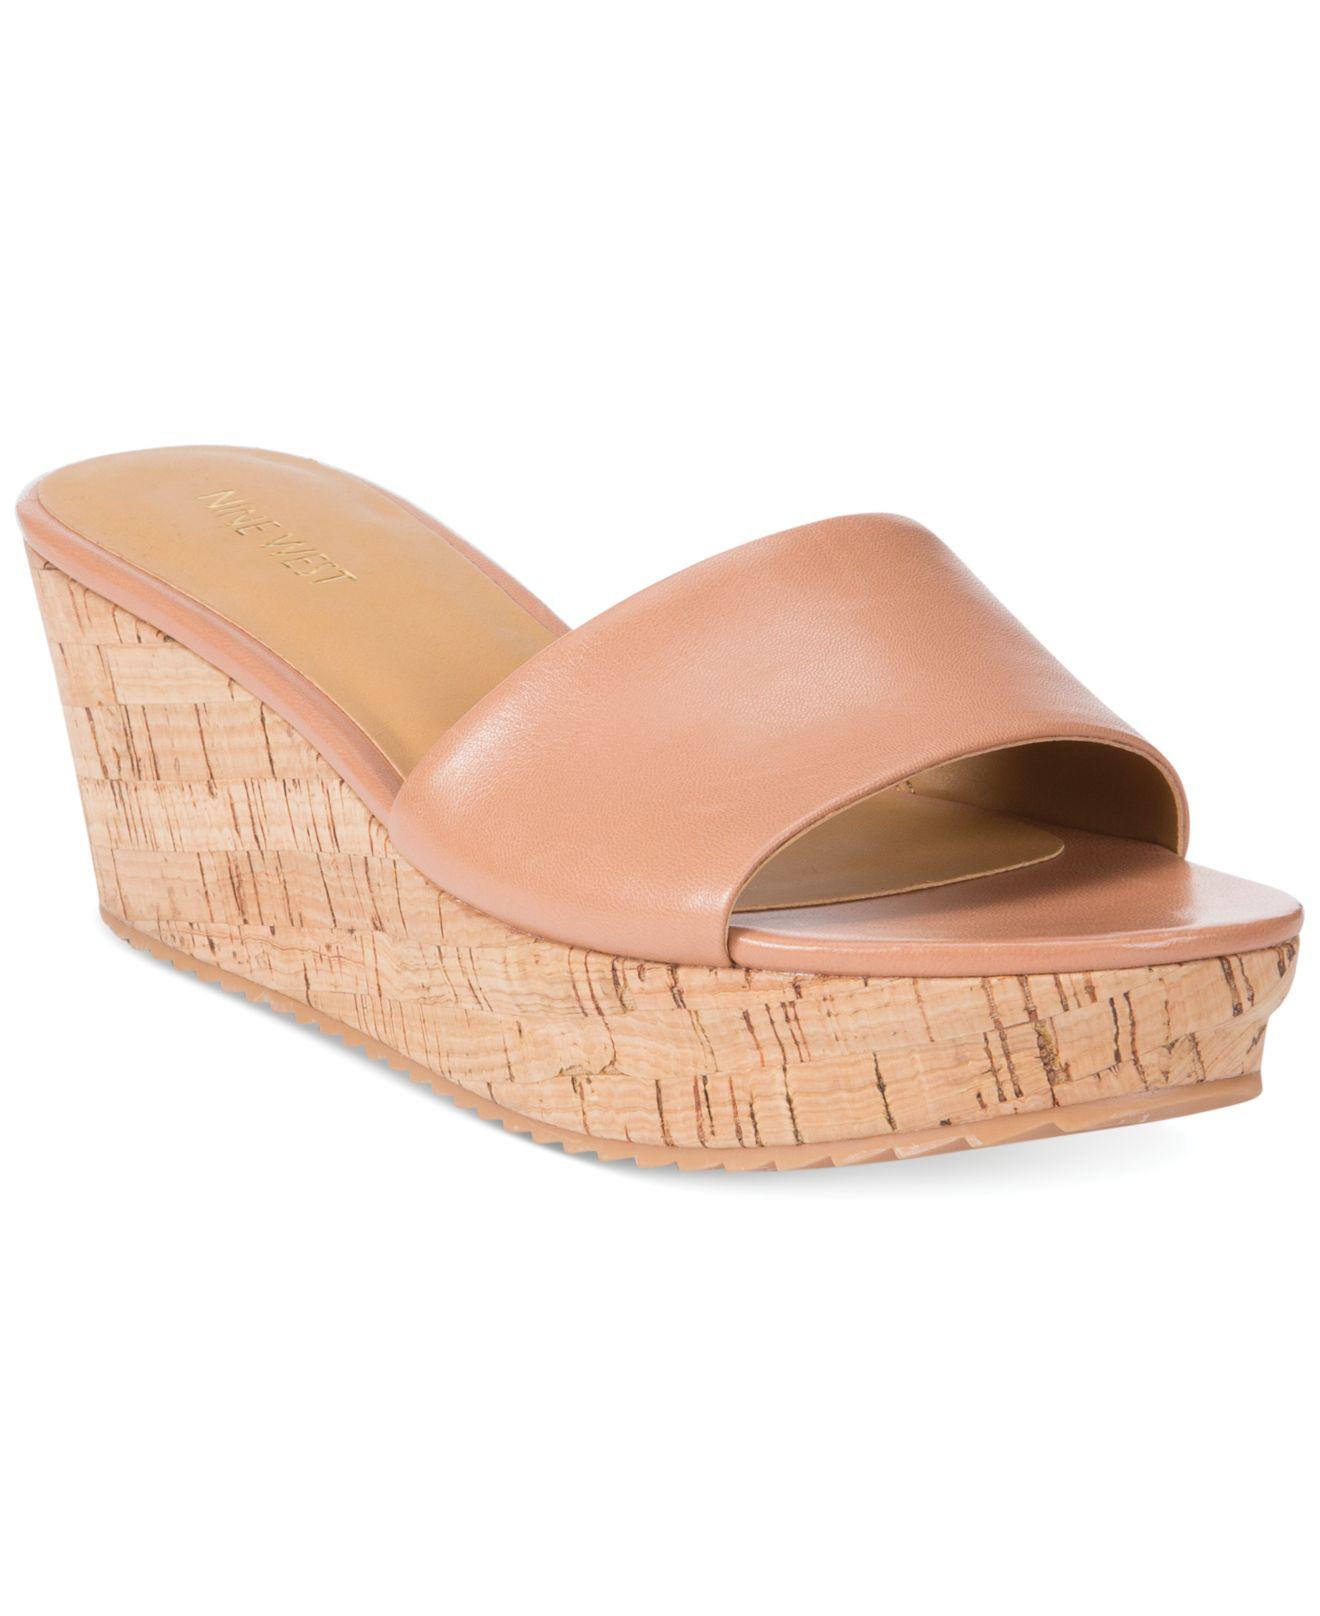 cd22790b880 Lyst - Nine West Confetty Platform Slide Sandals in Natural